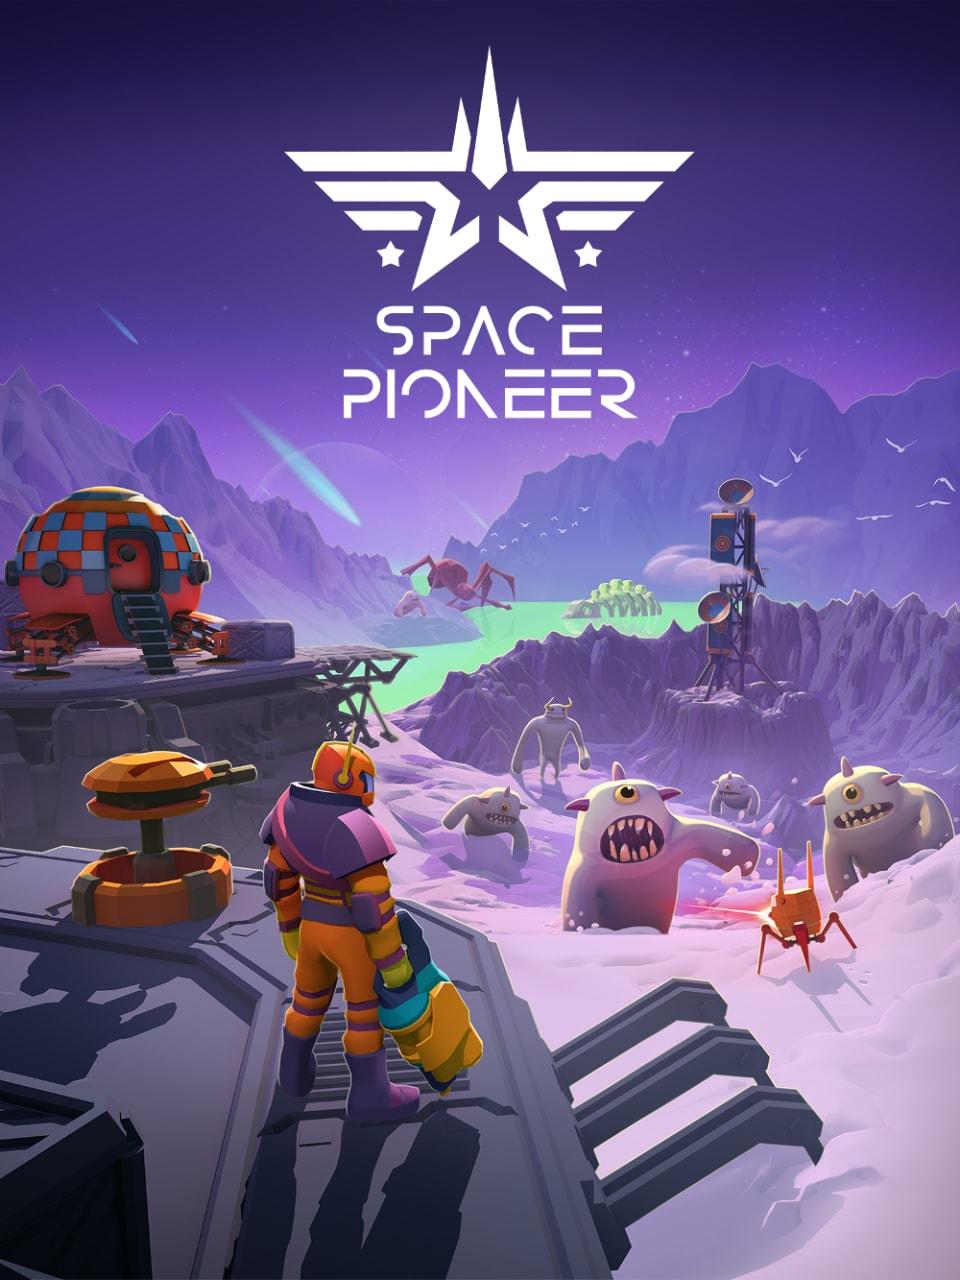 Esplorate lo spazio e sterminate intere popolazioni di alieni con lo sparatutto Space Pioneer (video)